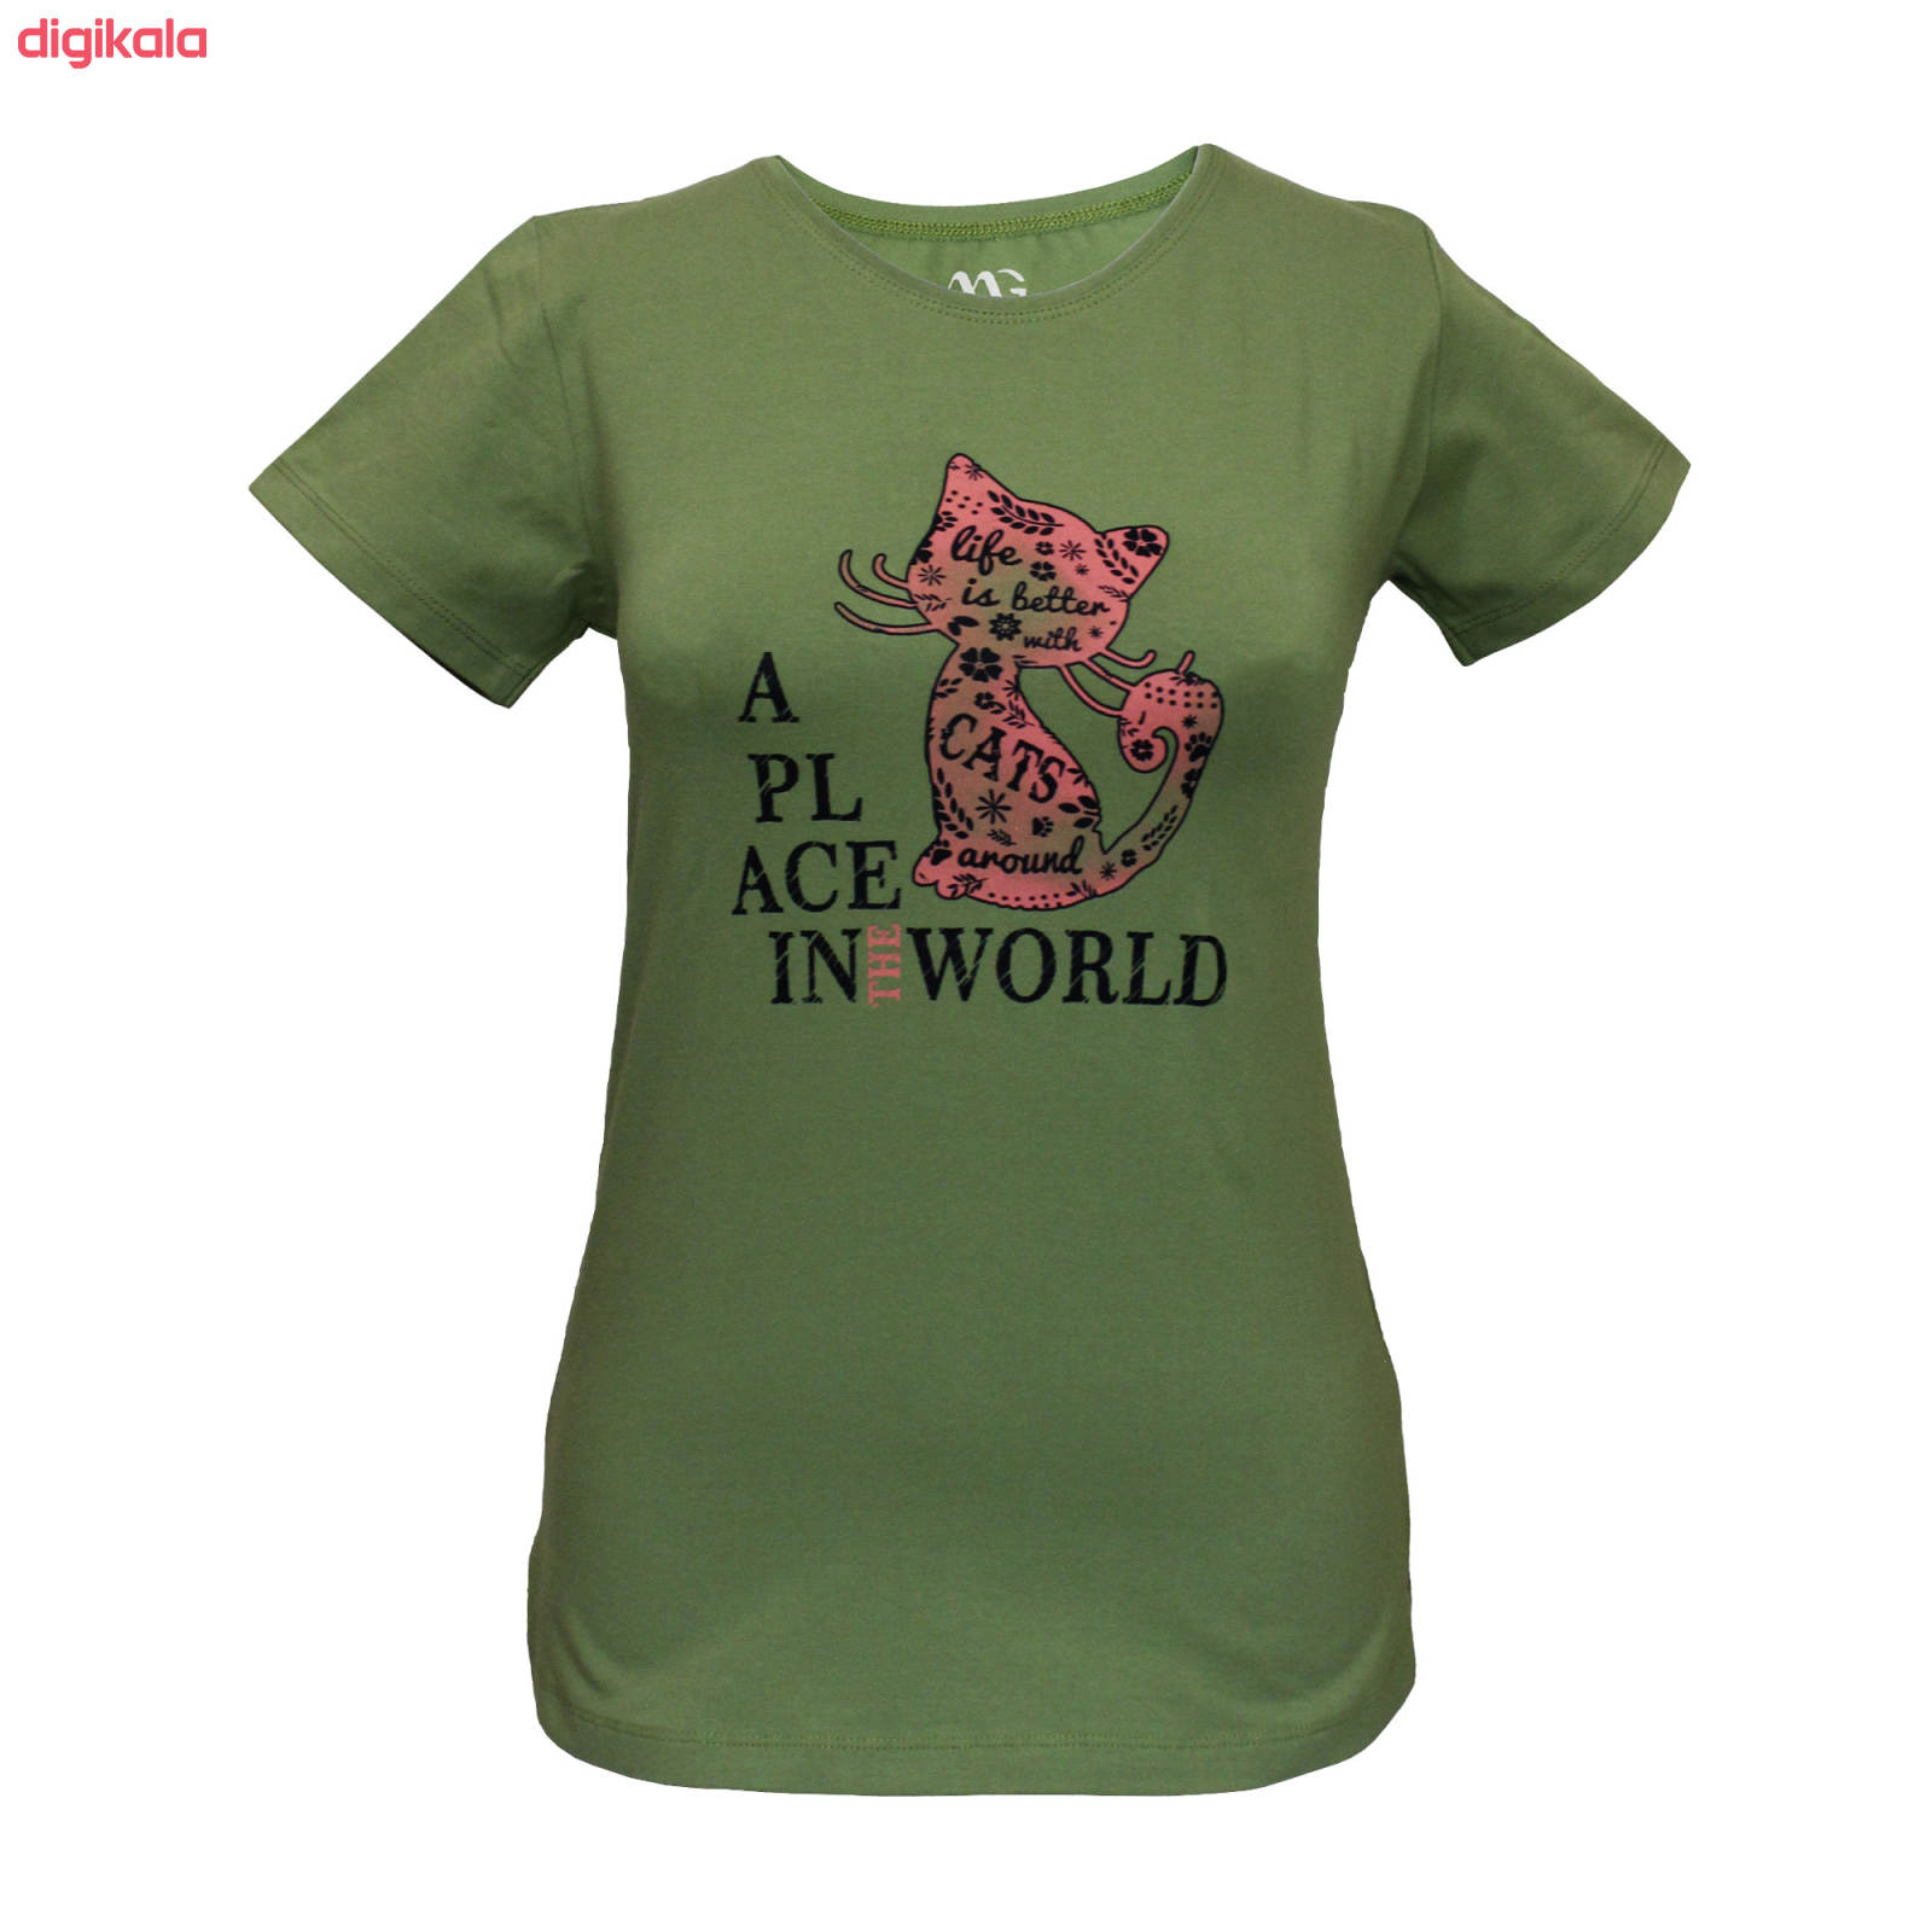 ست تی شرت و شلوار زنانه مدل PWG 001 main 1 1